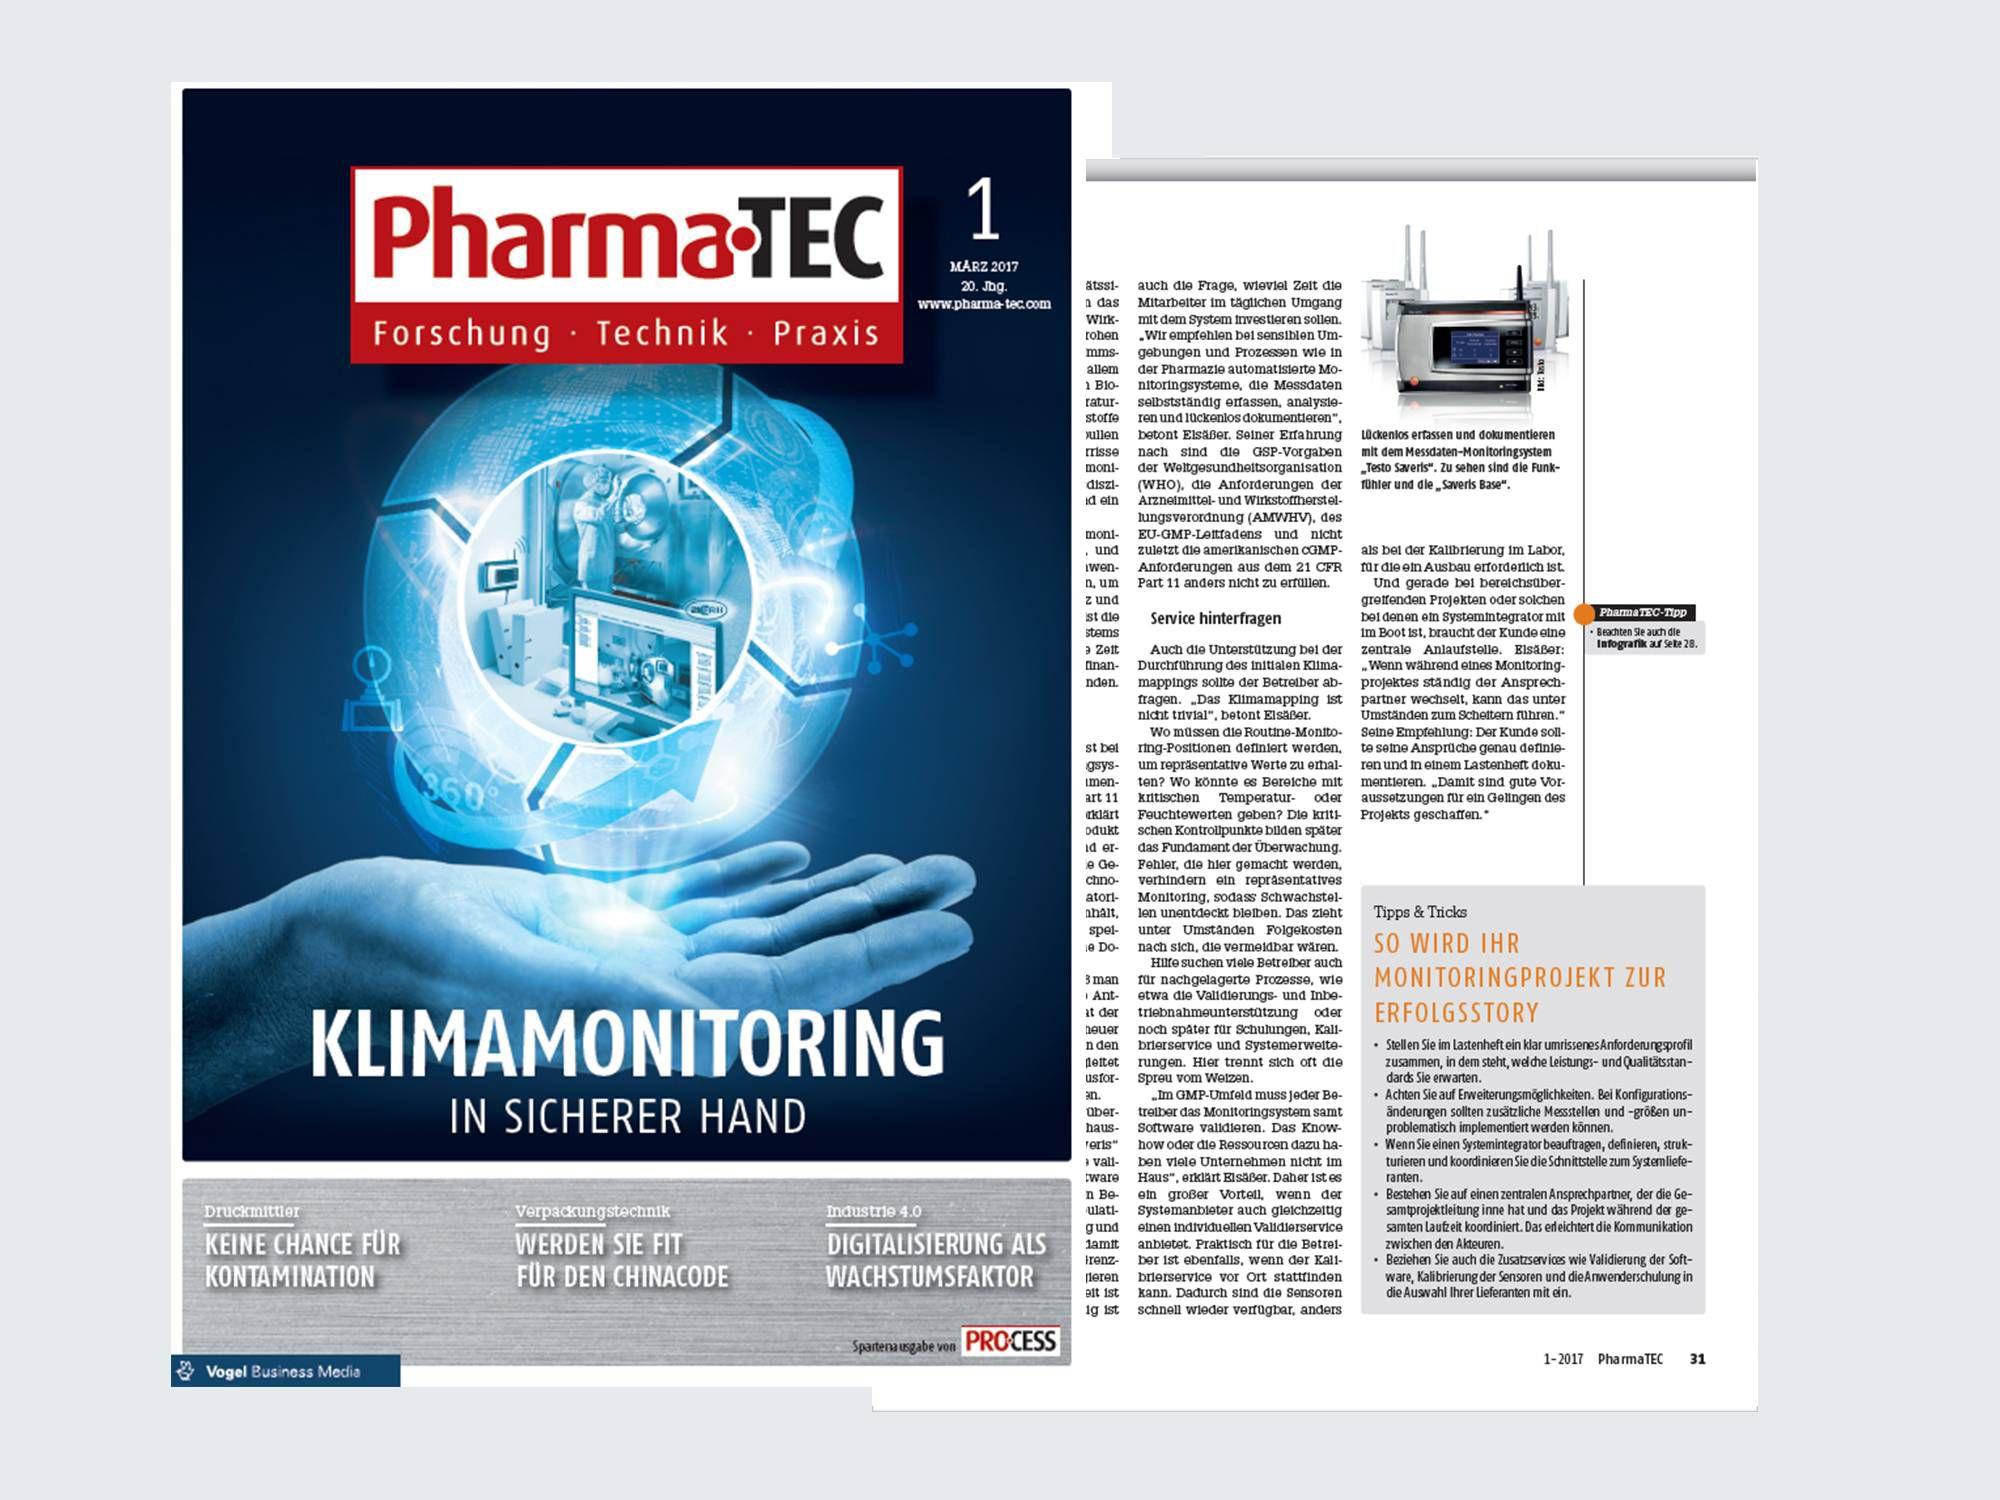 pharmatec-fachbericht-ausgabe1-2017-klimamonitoring-in-sicherer-hand-vorschau.jpg